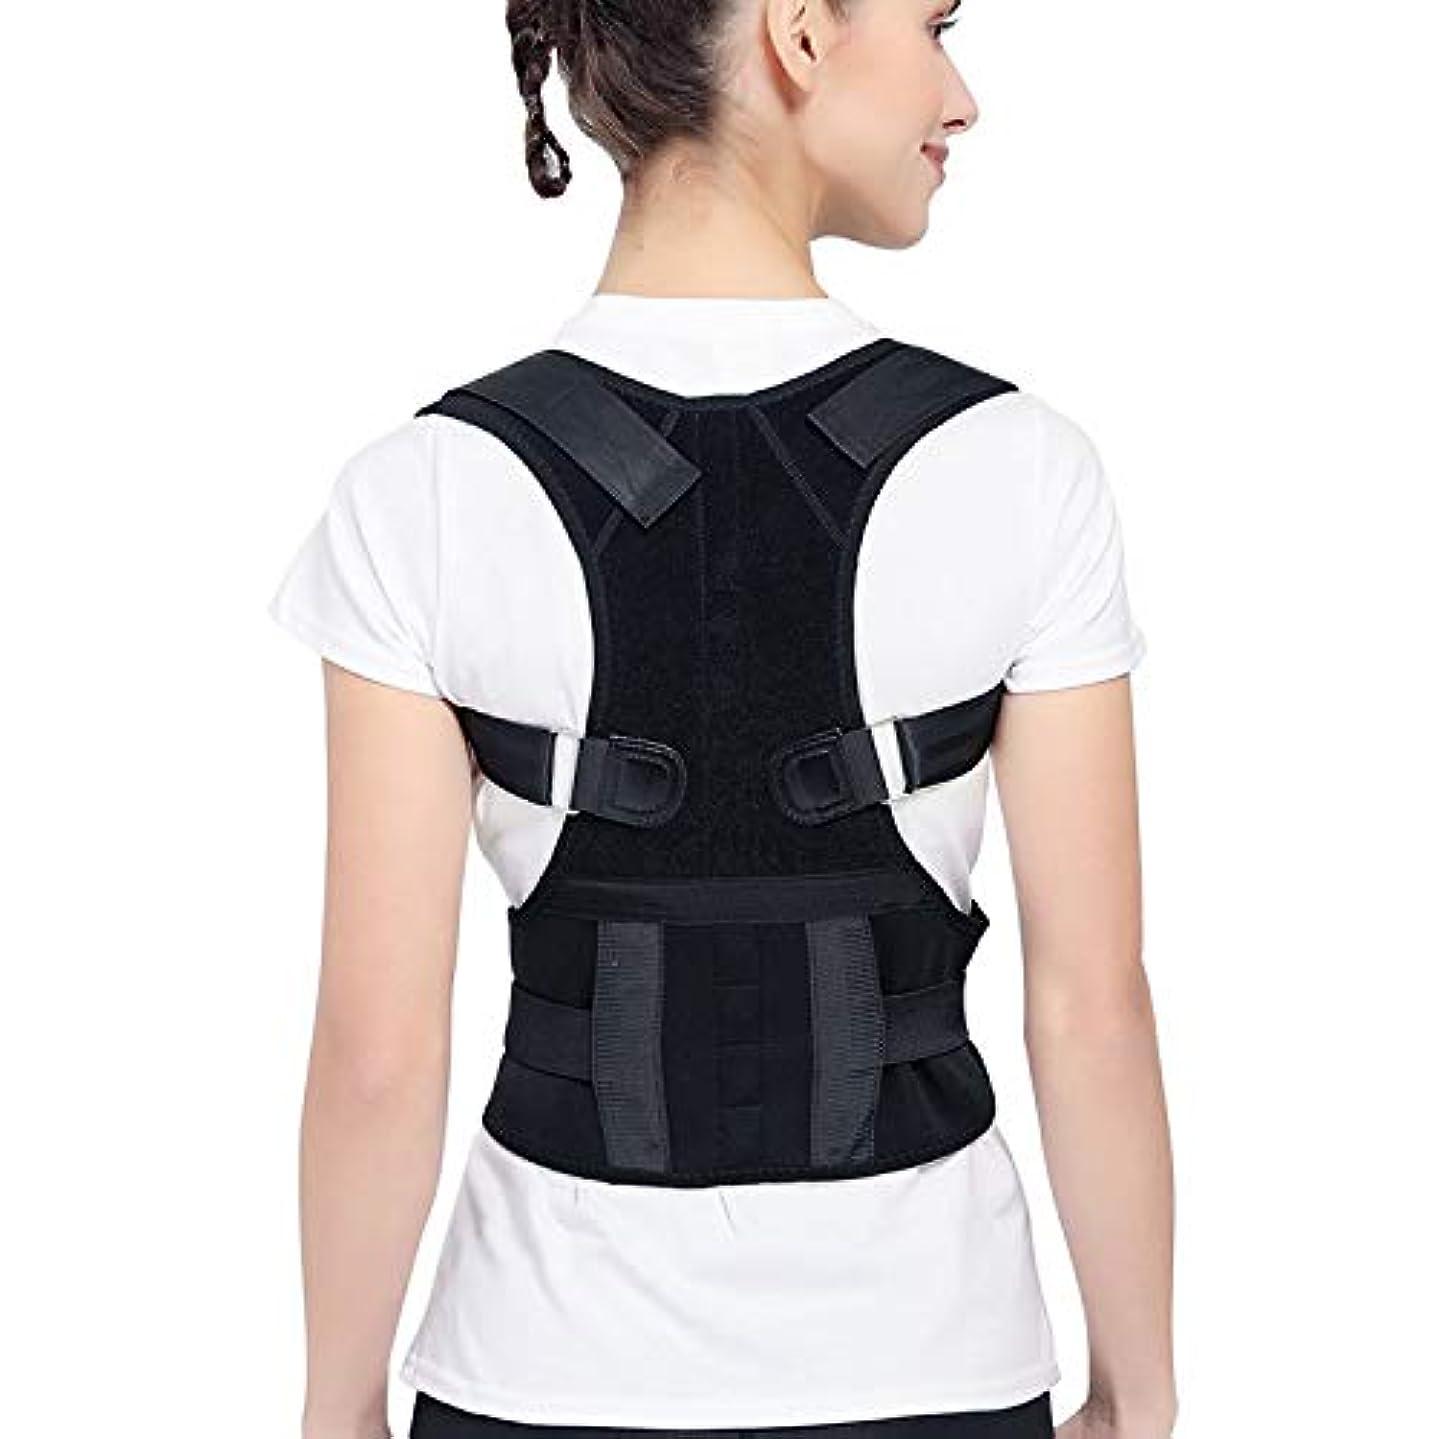 ティッシュトマト朝aomashangmao 男性と女性の首の肩の痛みをサポートする肩と背中のトレーナー補正ベルト